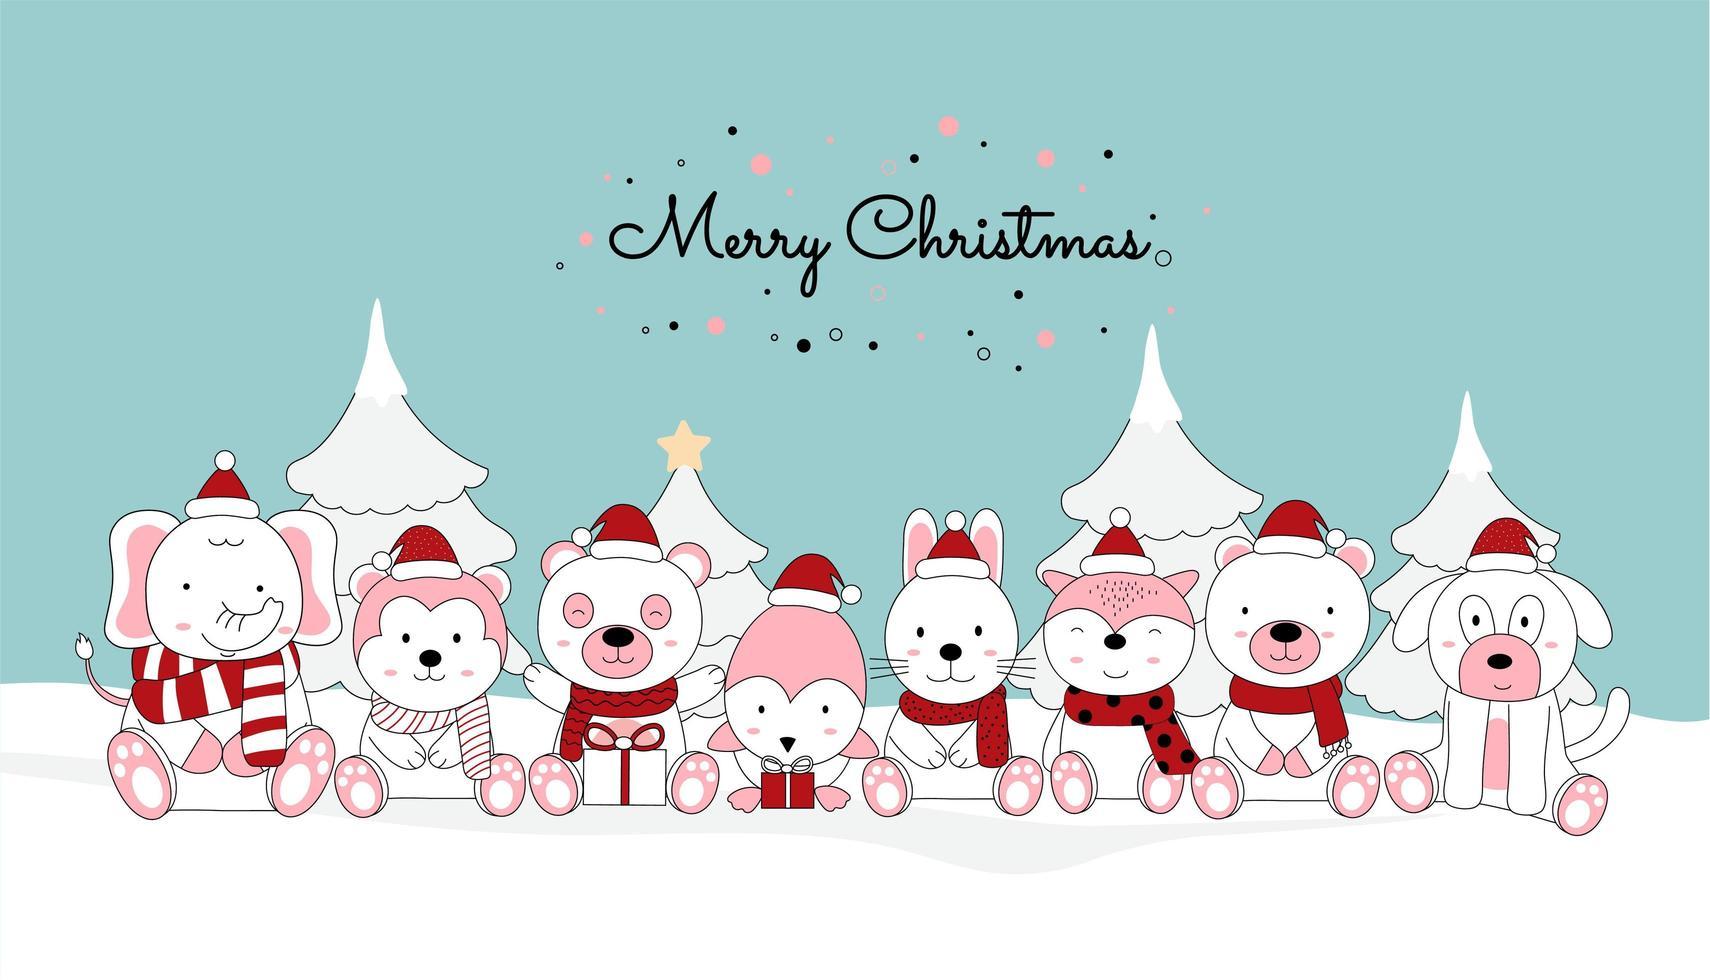 jul gratulationskort med söta baby djur vektor